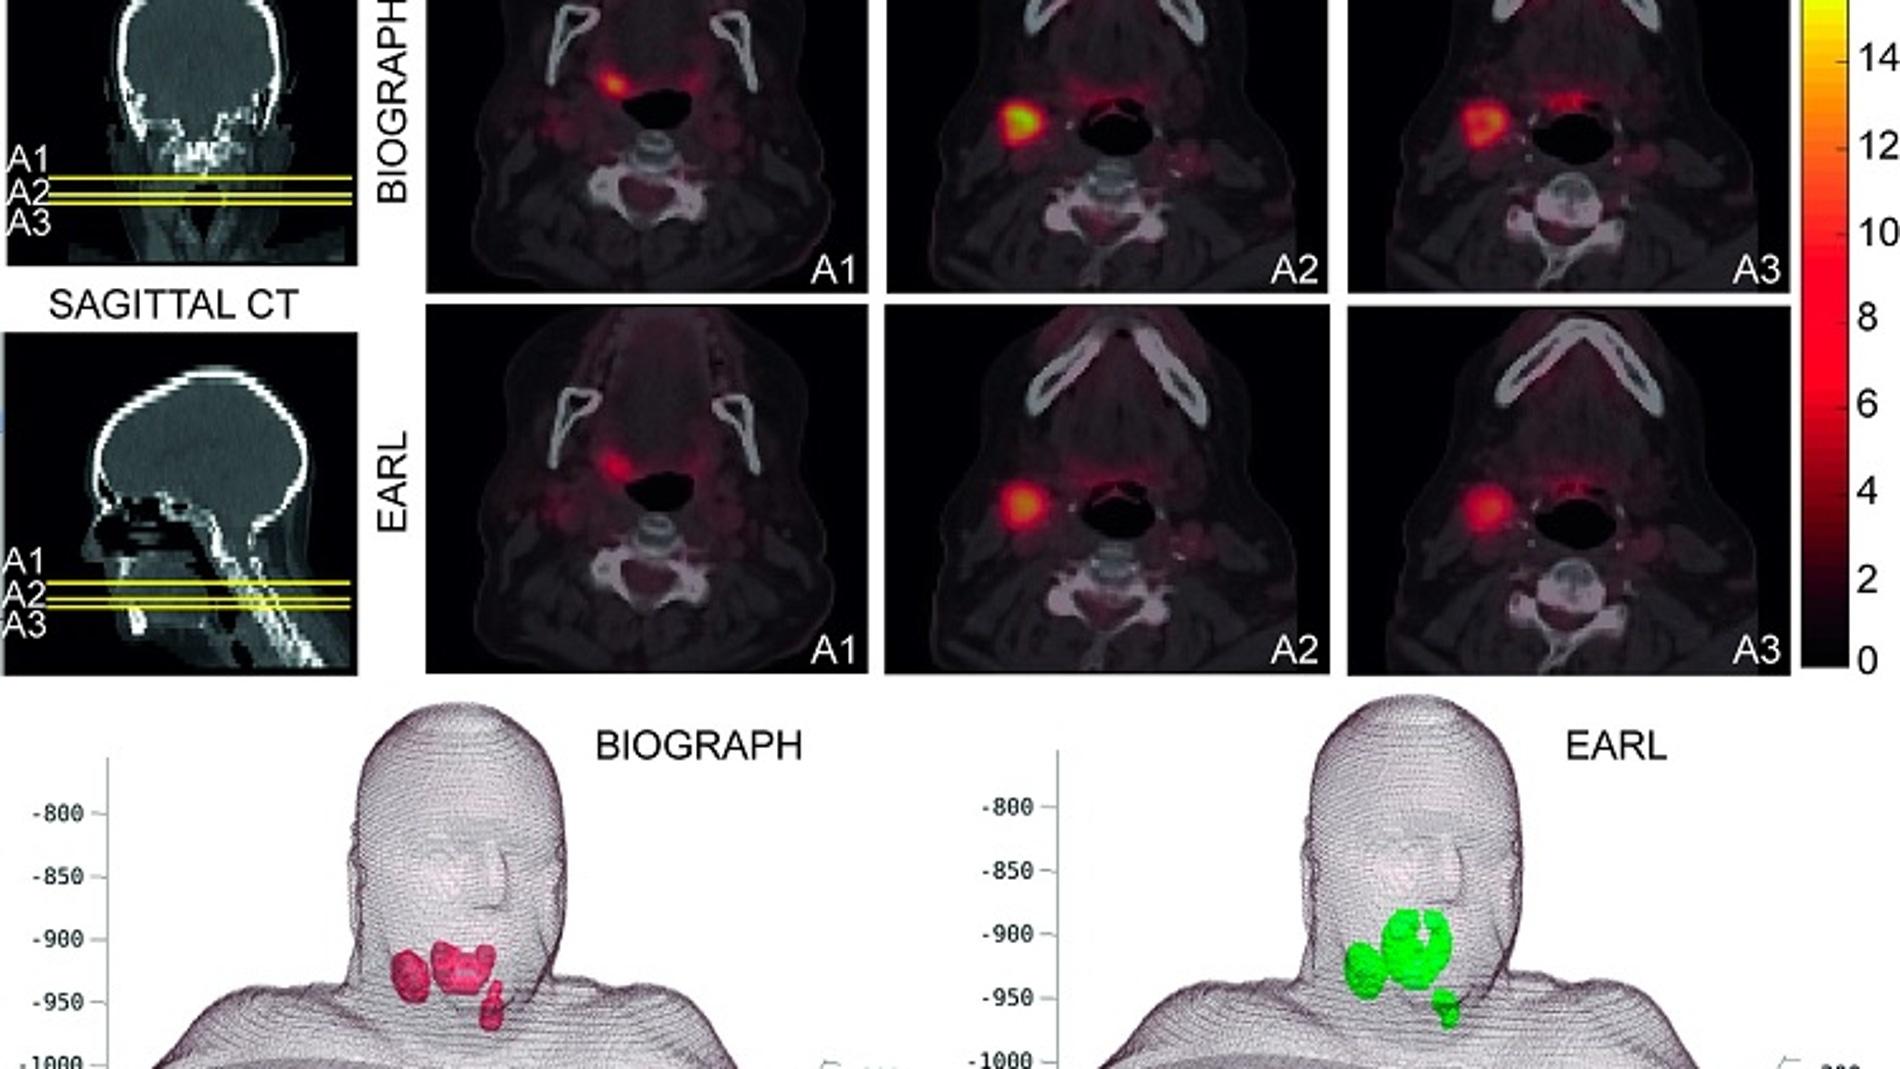 La radioterapia a medida mejorara los tratamientos contra el cancer